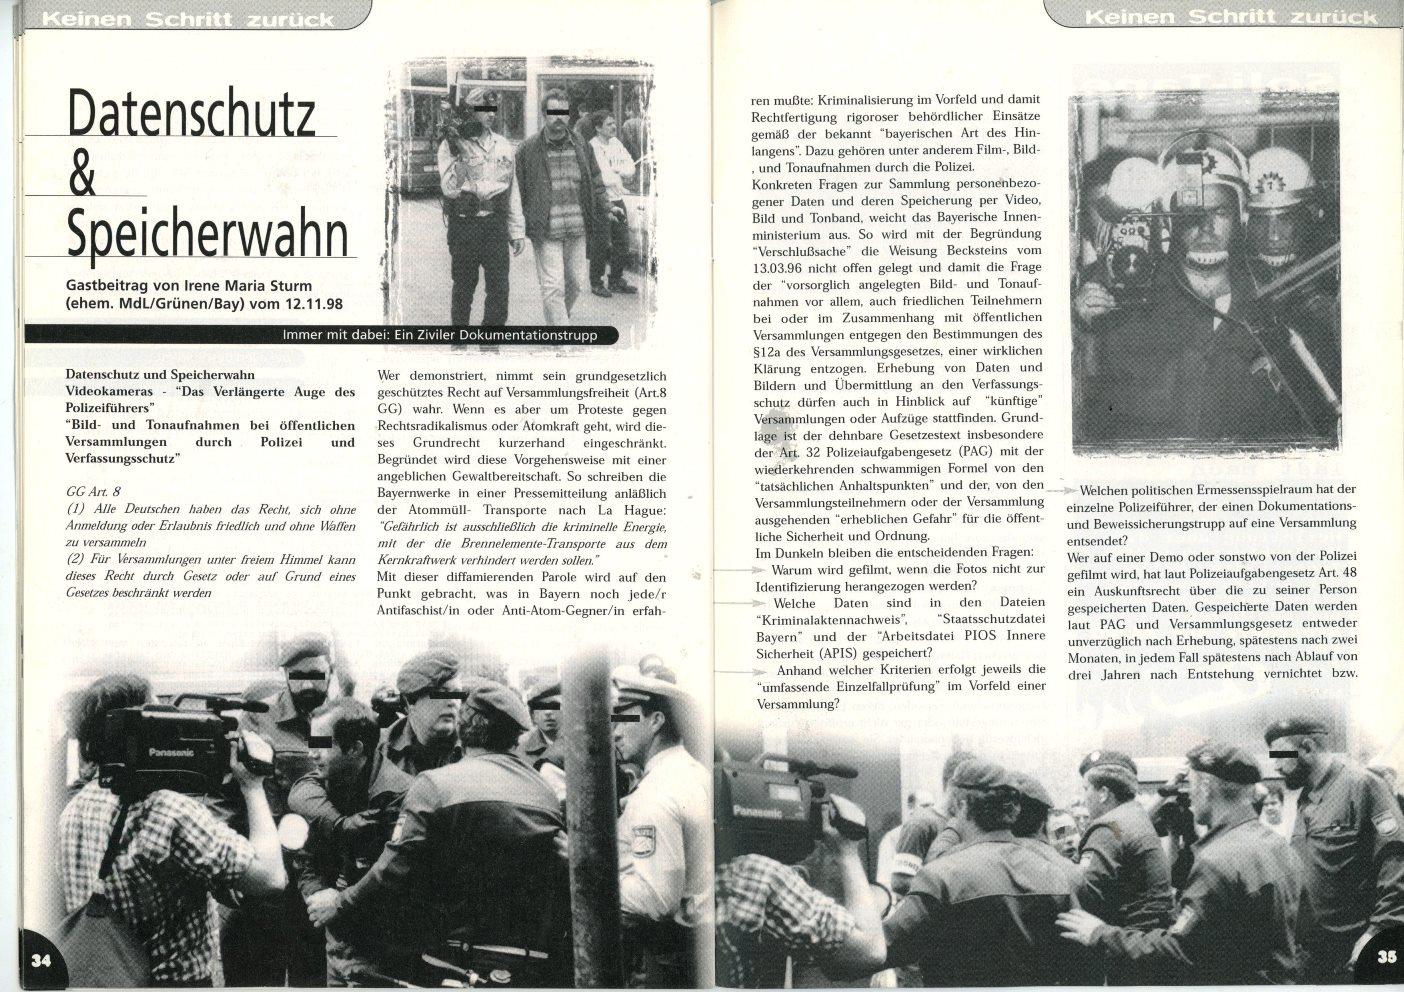 Passau_RH_1998_Keinen_Schritt_zurueck_18